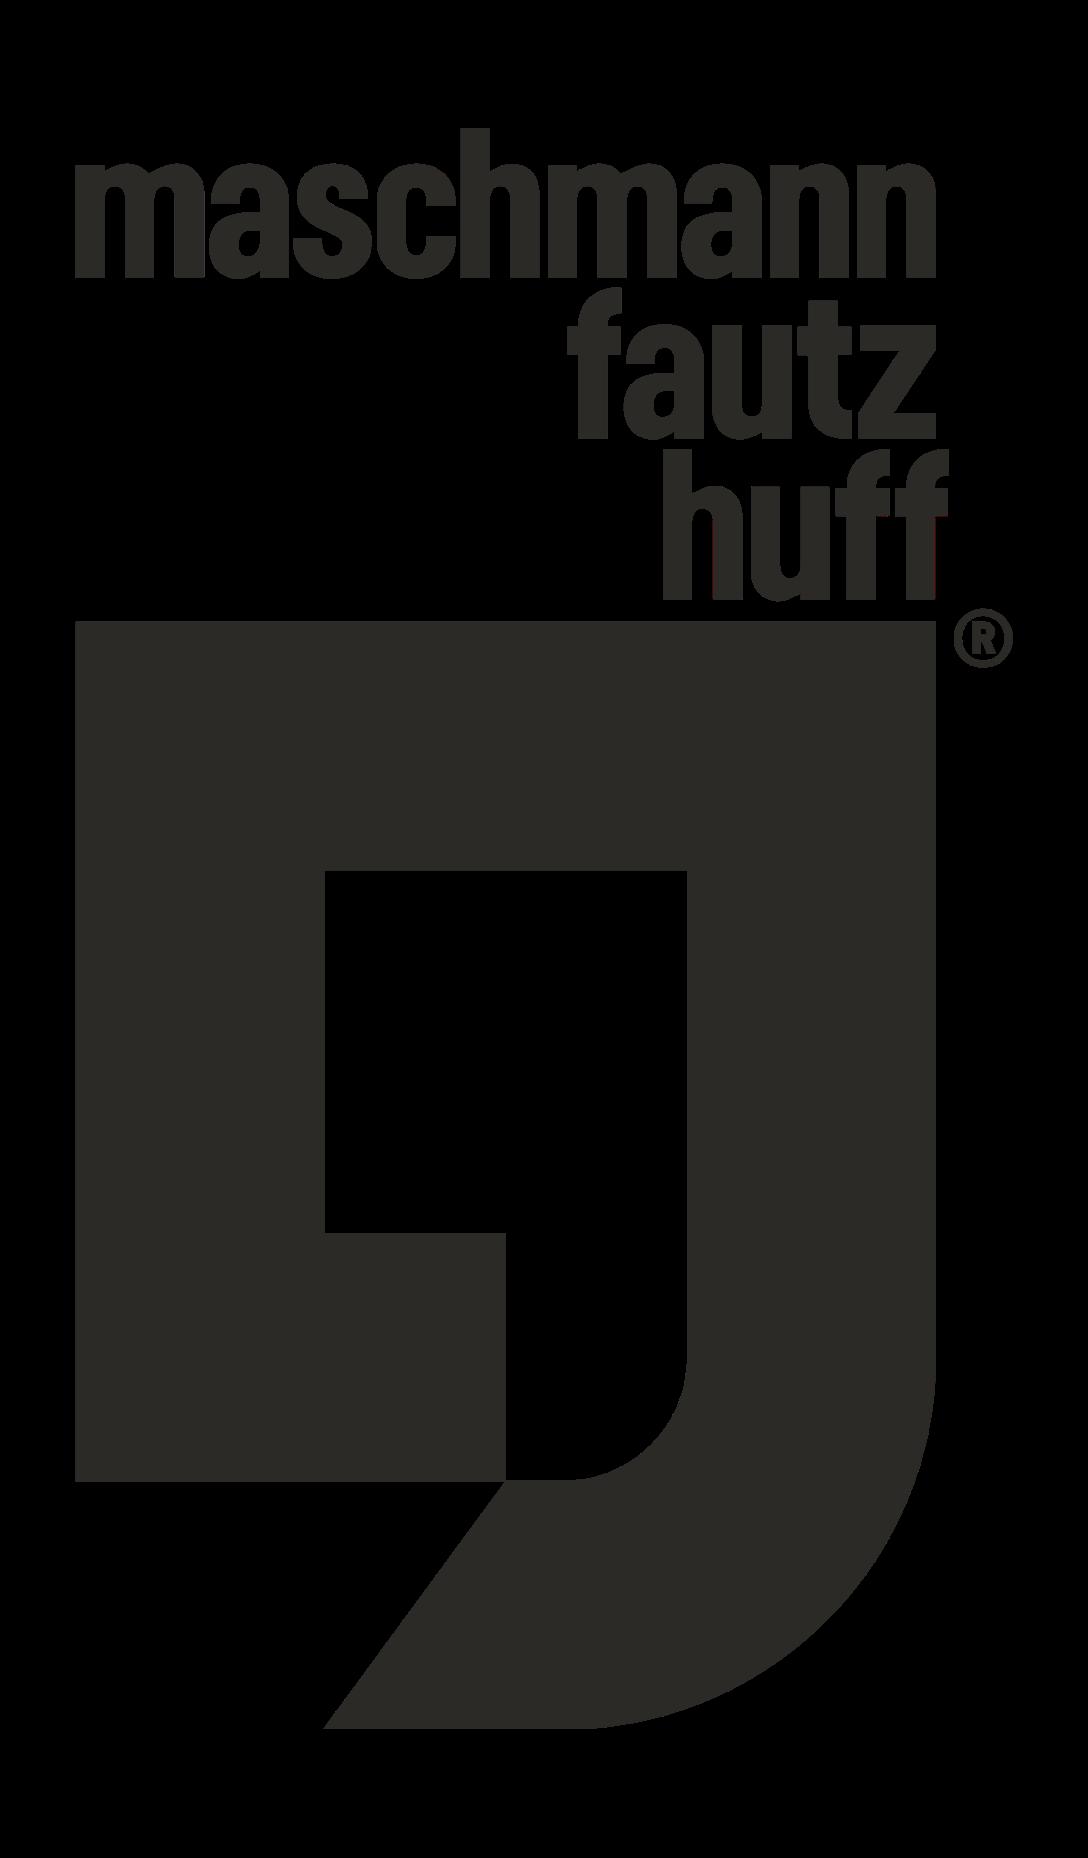 Logo Www.maschmannfautzhuff.de